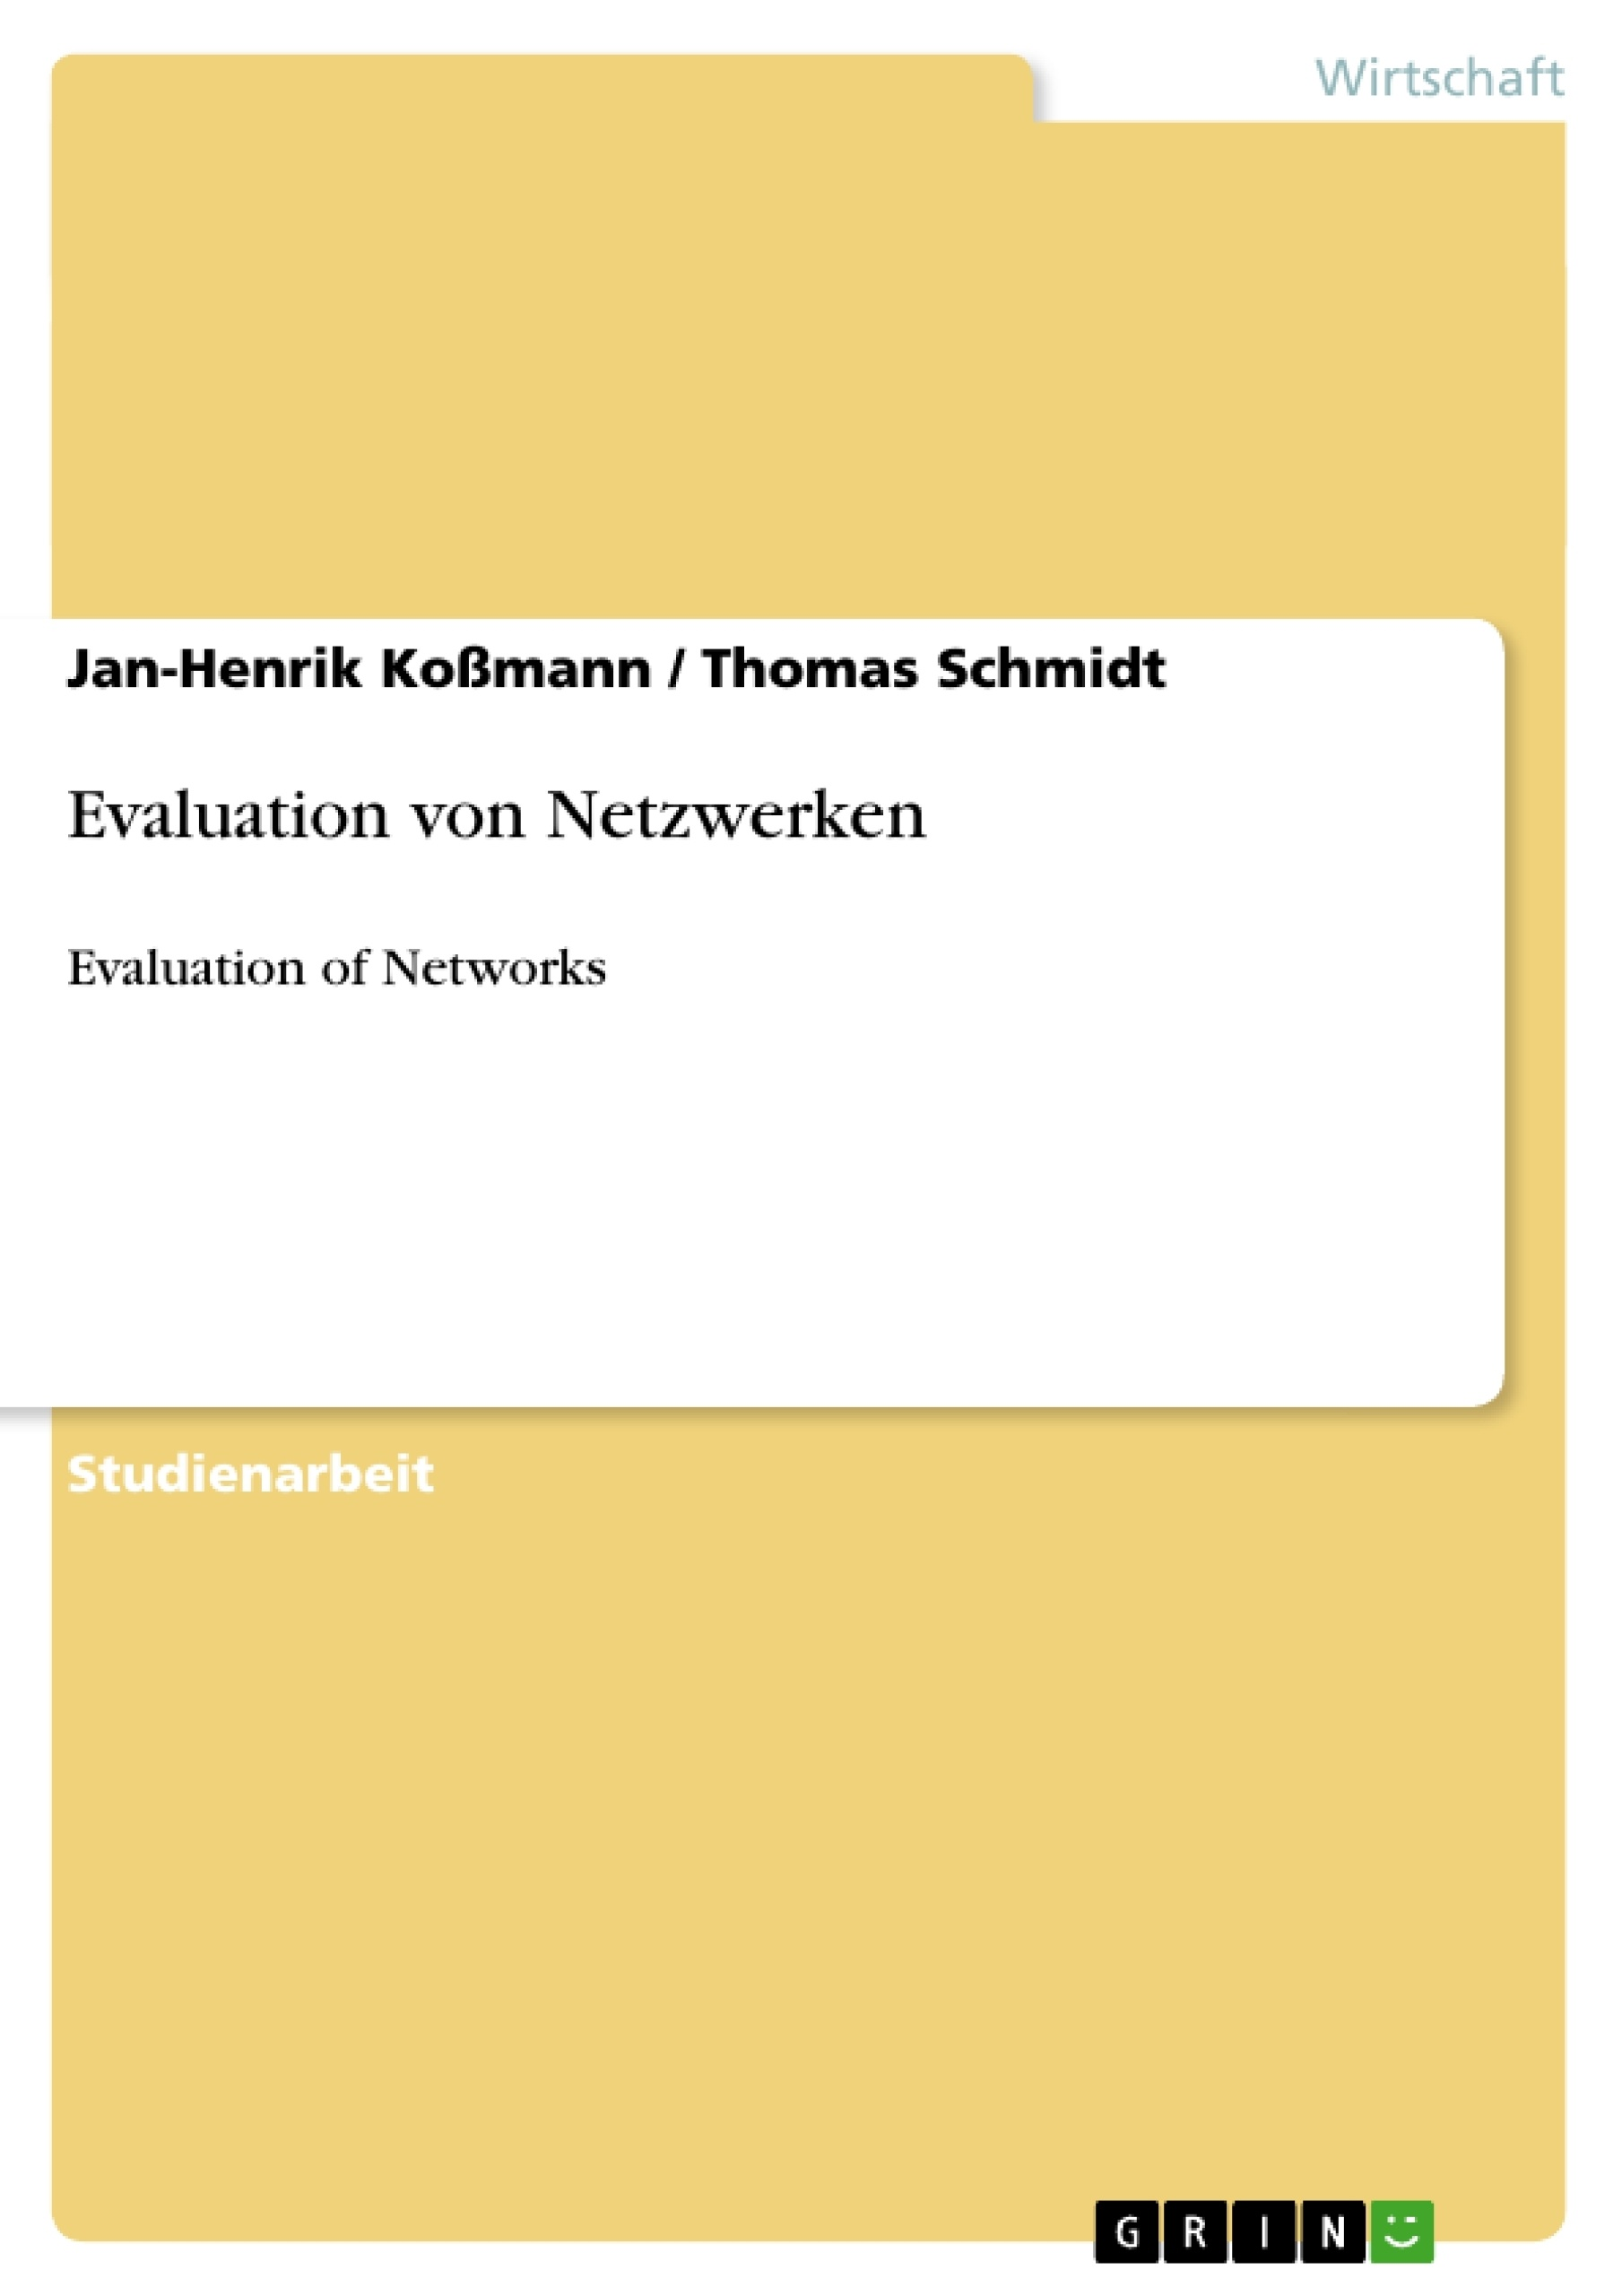 Titel: Evaluation von Netzwerken